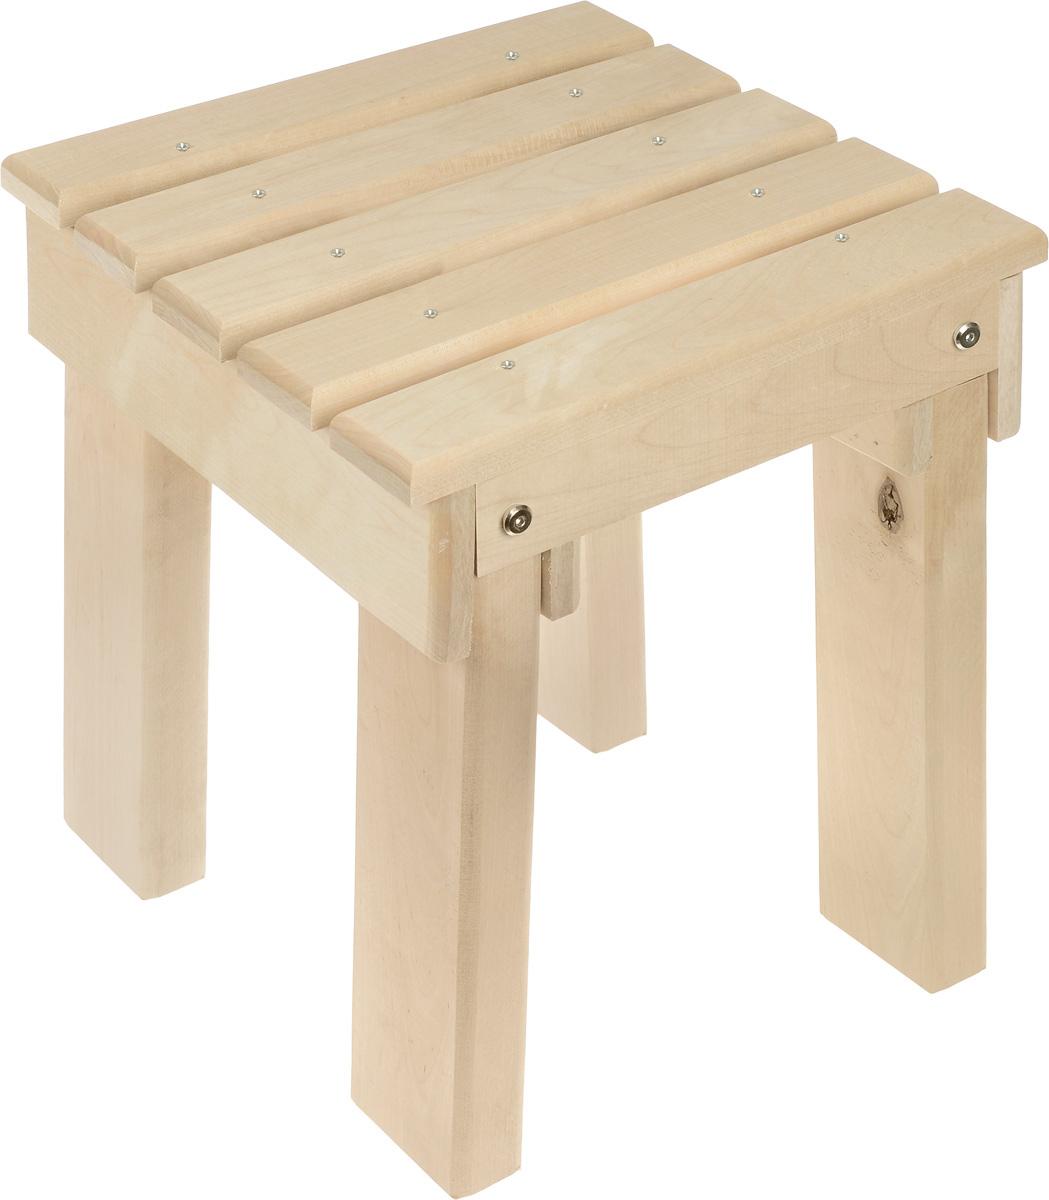 Табурет Proffi Кардинал, 35 х 35 х 42 смPS0122Удобный и практичный табурет Proffi Кардинал, изготовленный из березы, подходит для использования в бане и сауне. Компактный и надежный, занимает мало места. Табурет Proffi Кардинал имеет сборную конструкцию, в комплект входит 4 мебельных болта и 10 саморезов. Размер табурета в собранном виде: 35 х 35 х 42 см.